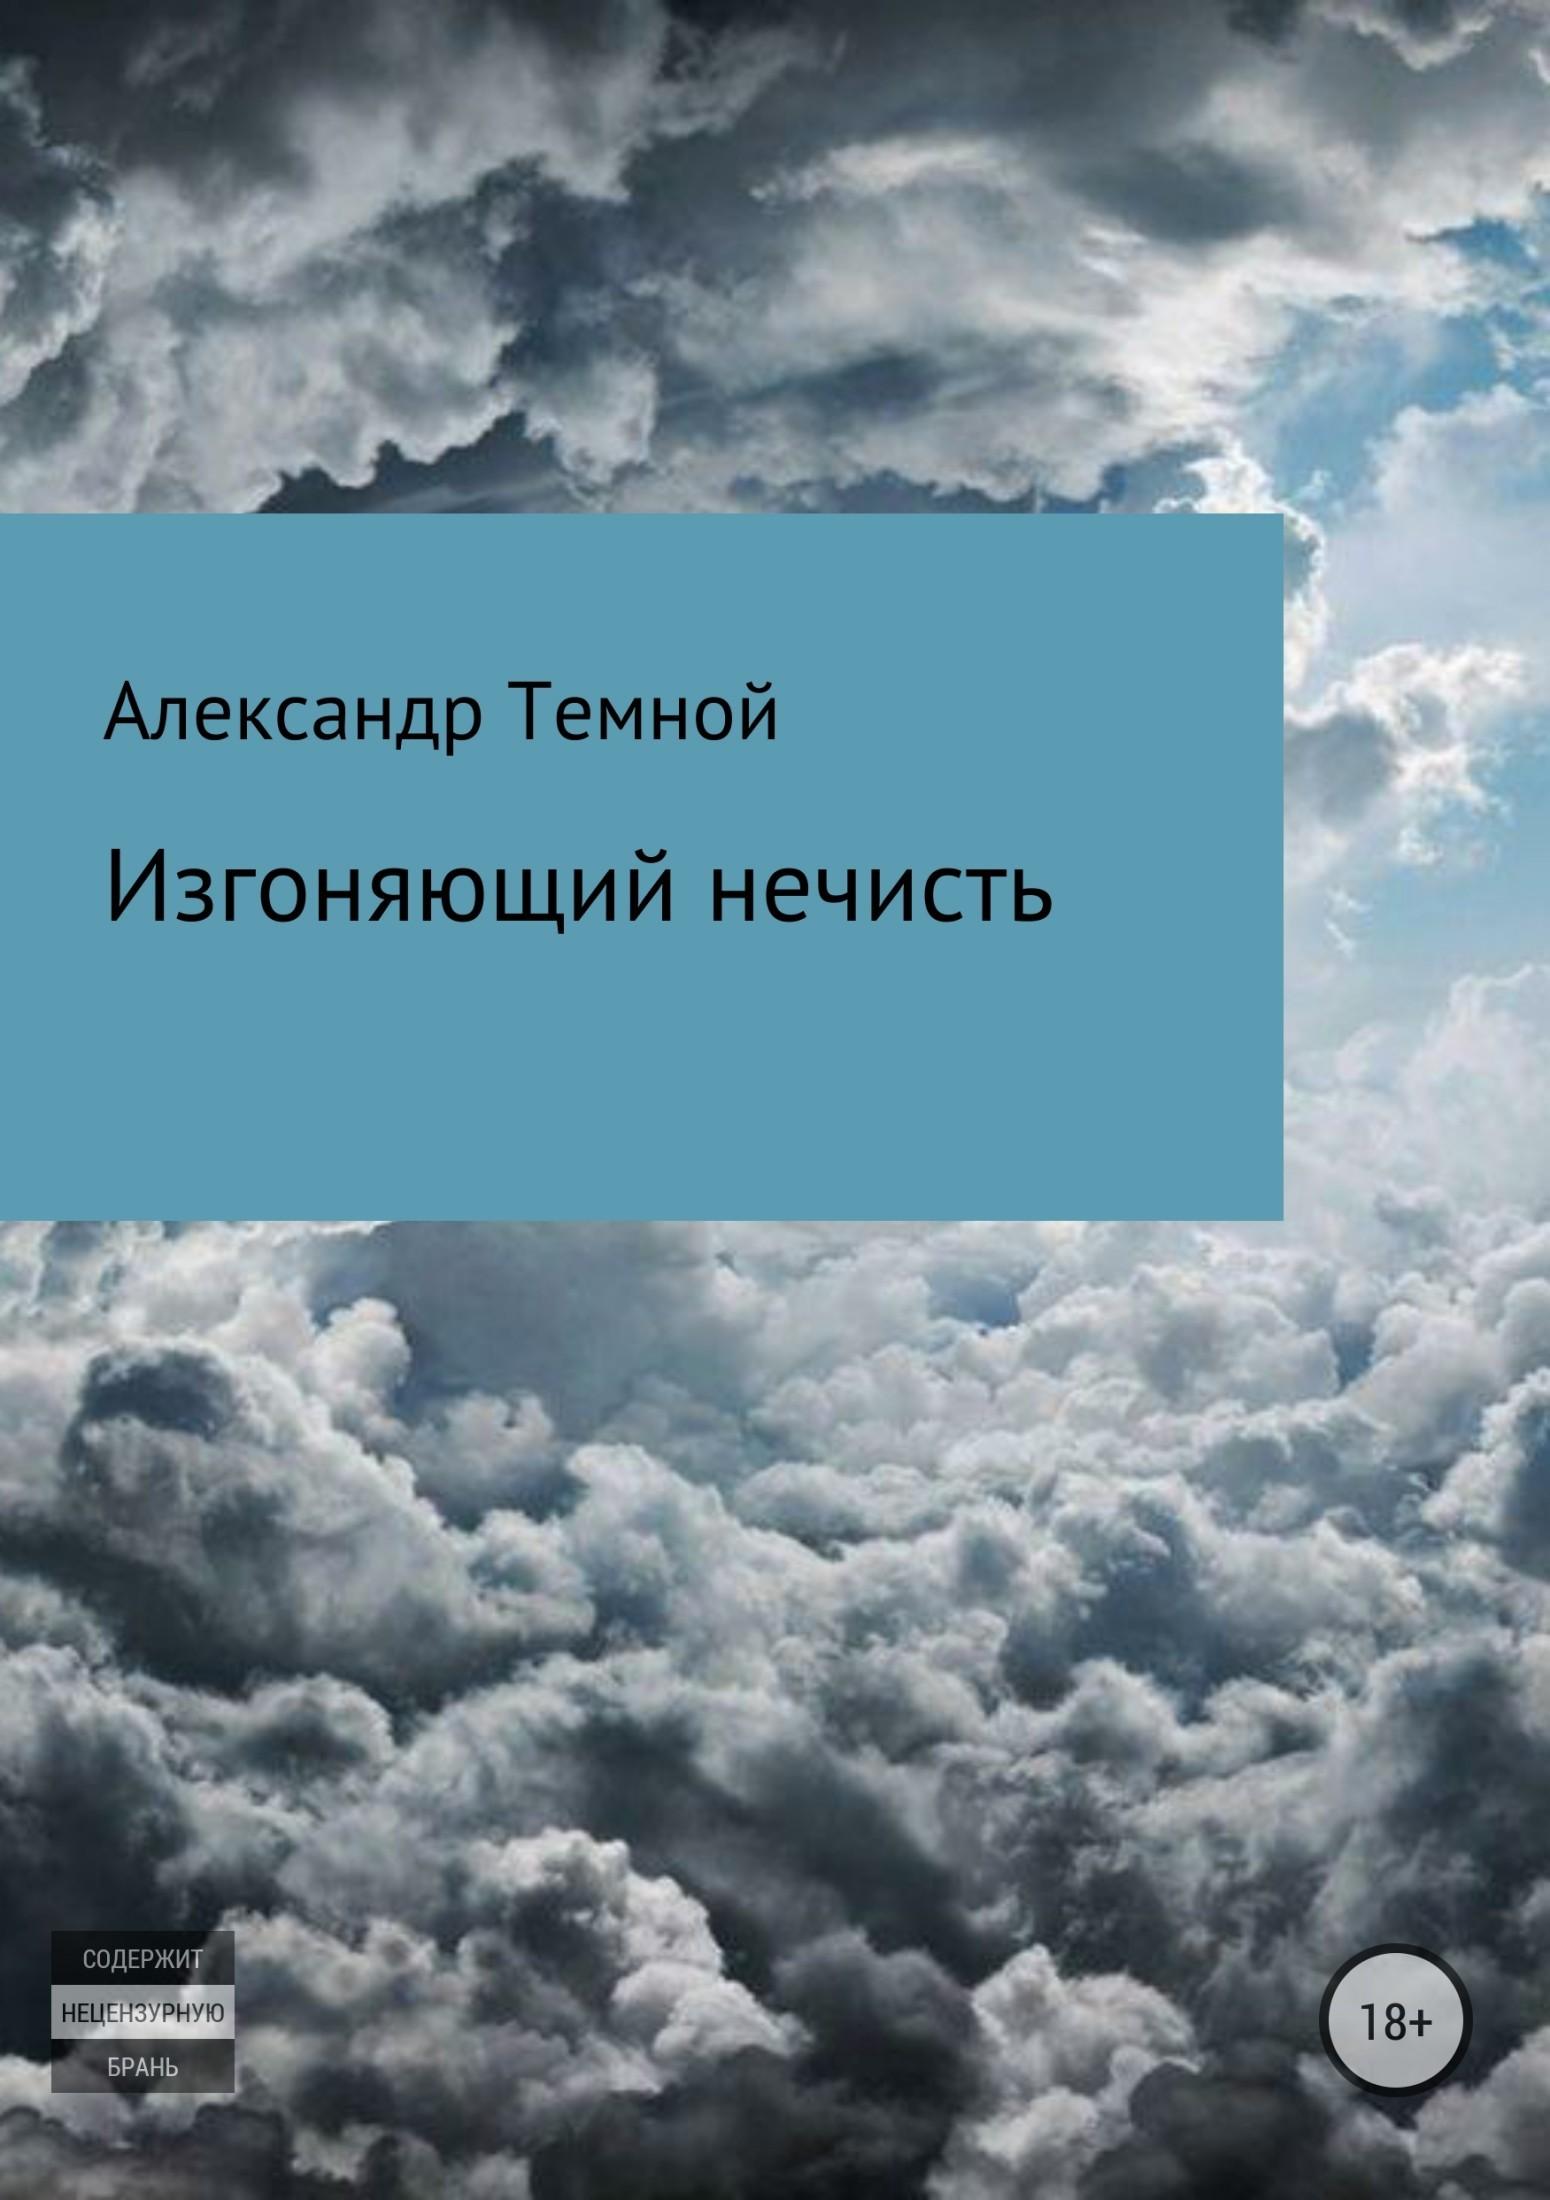 Александр Валерьевич Темной Изгоняющий нечисть евгений валерьевич лалетин мальчишки нашего двора